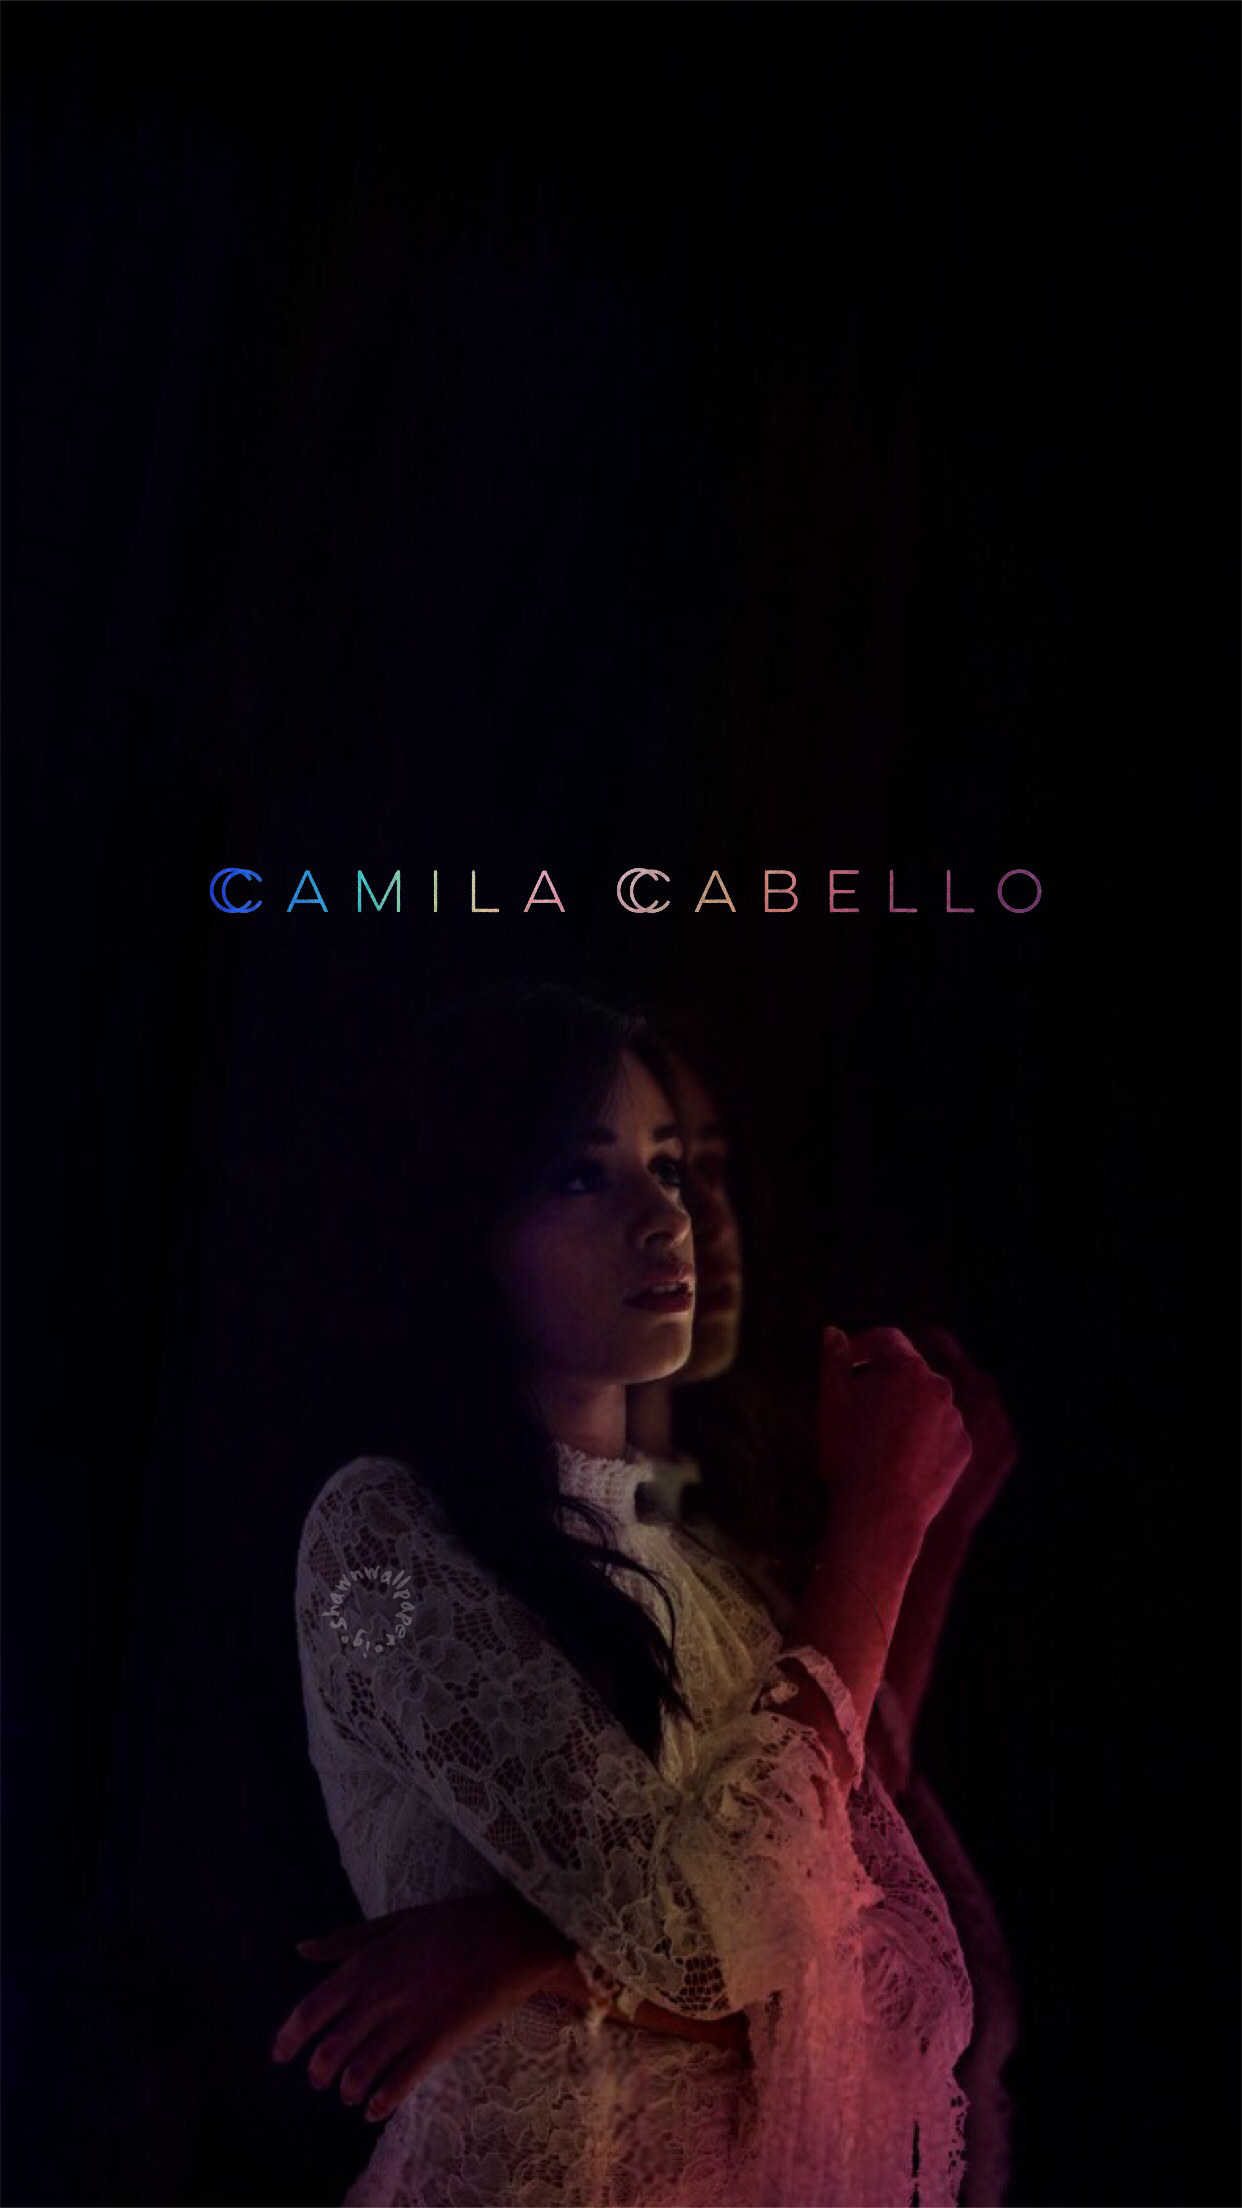 Cabello Lauren jauregui in 2019 Camila Cabello Fifth harmony 1242x2208